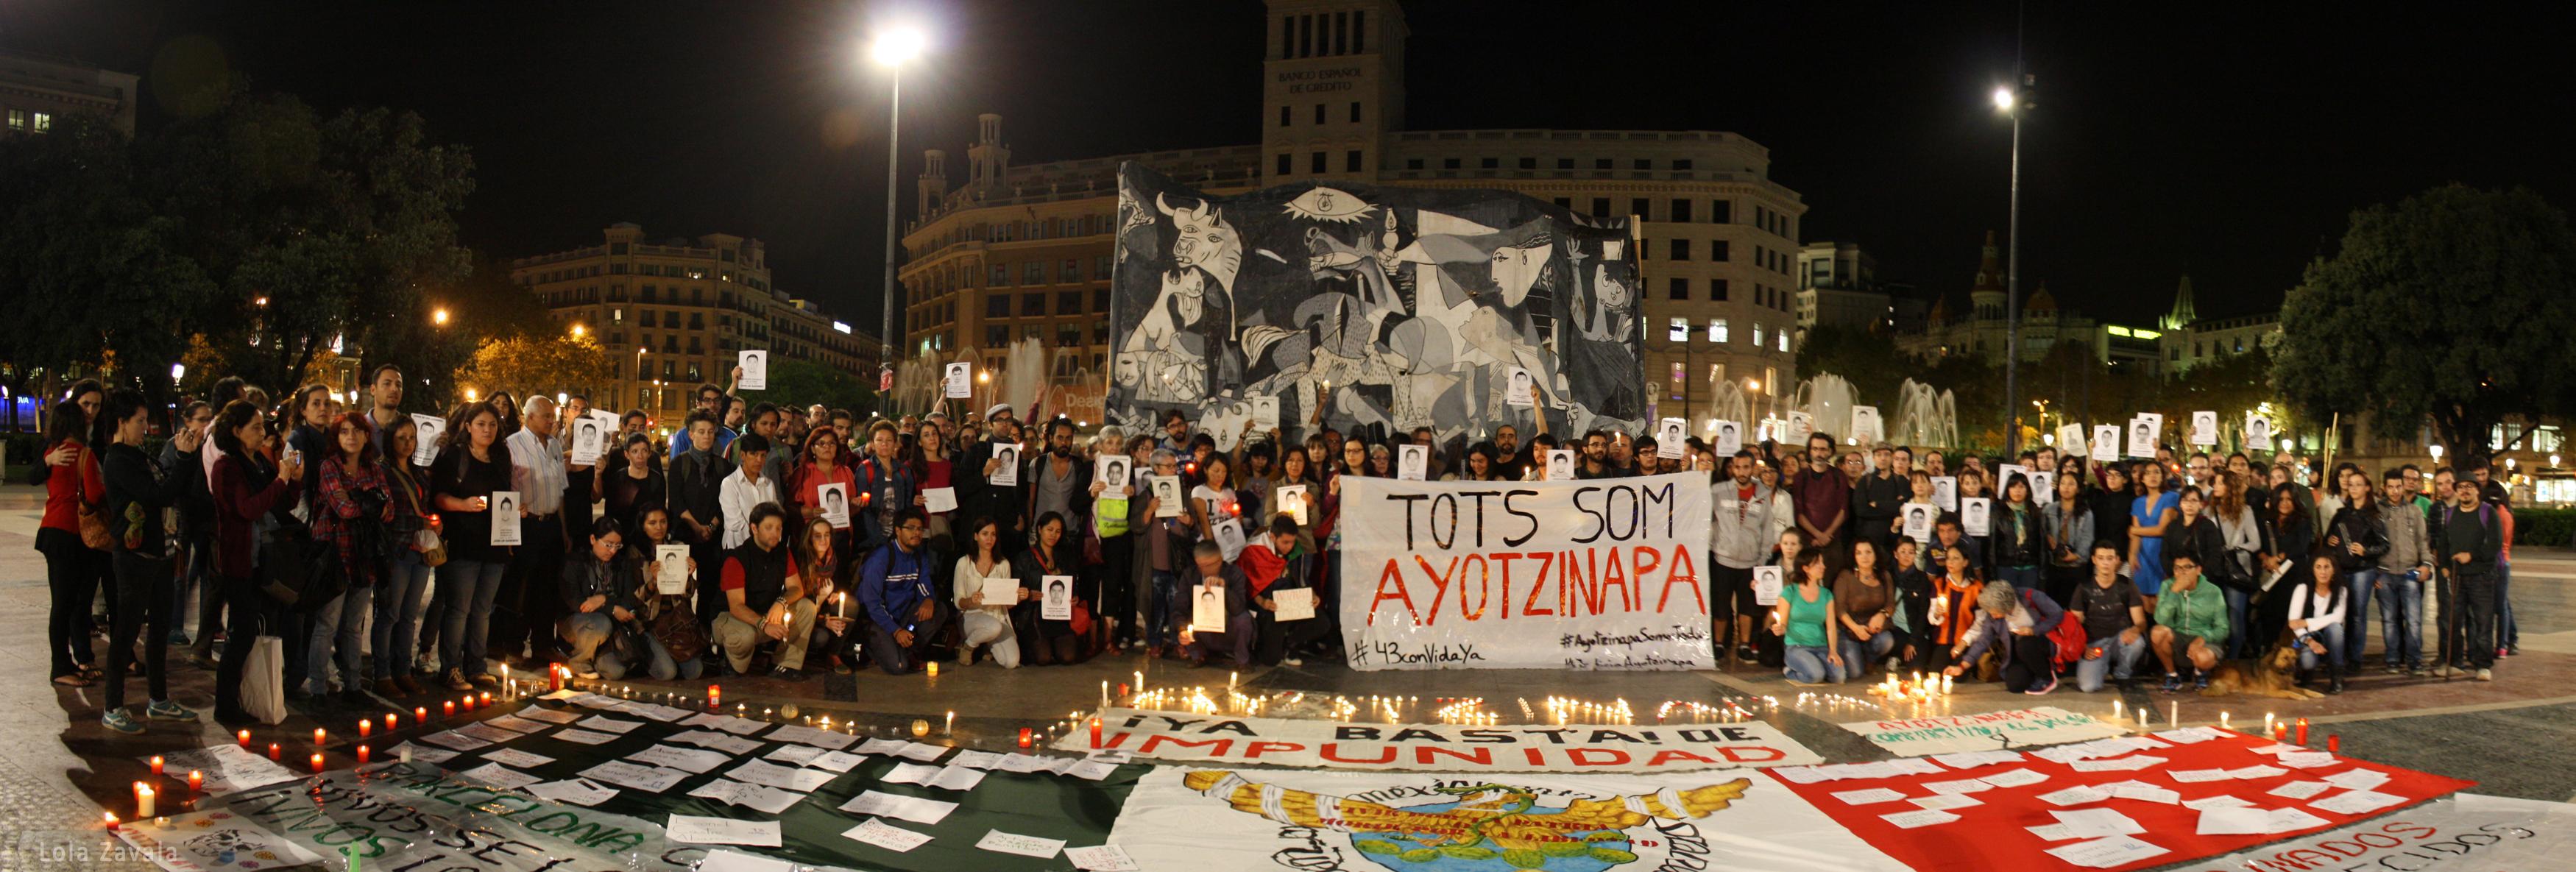 Concentración en apoyo a los estudiantes y familiares de Ayotzinapa en la Plaça Catalunya de Barcelona